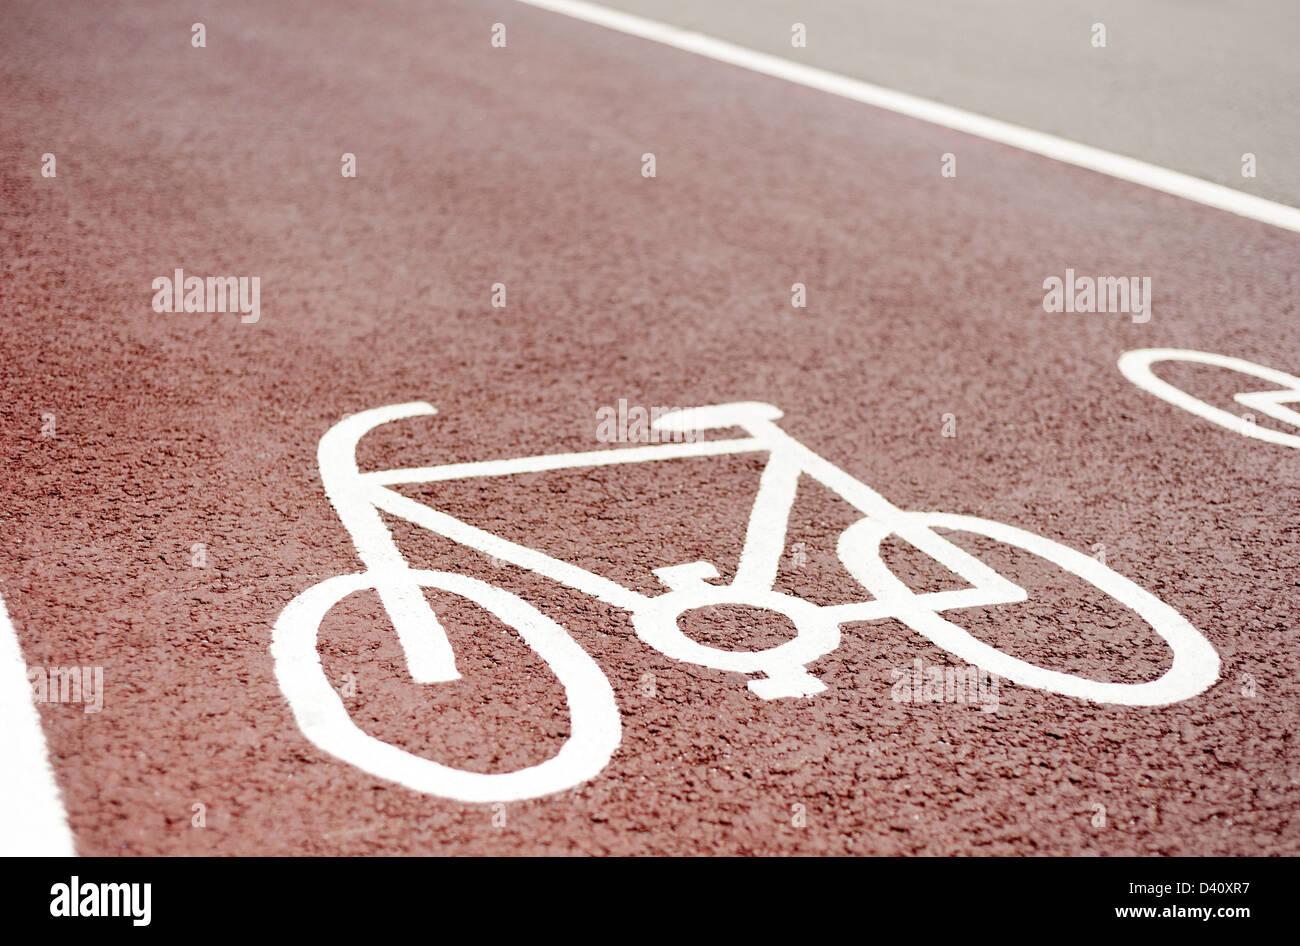 Ciclo designado lane camino símbolo rojo pintado sobre una superficie de asfalto, REINO UNIDO Imagen De Stock